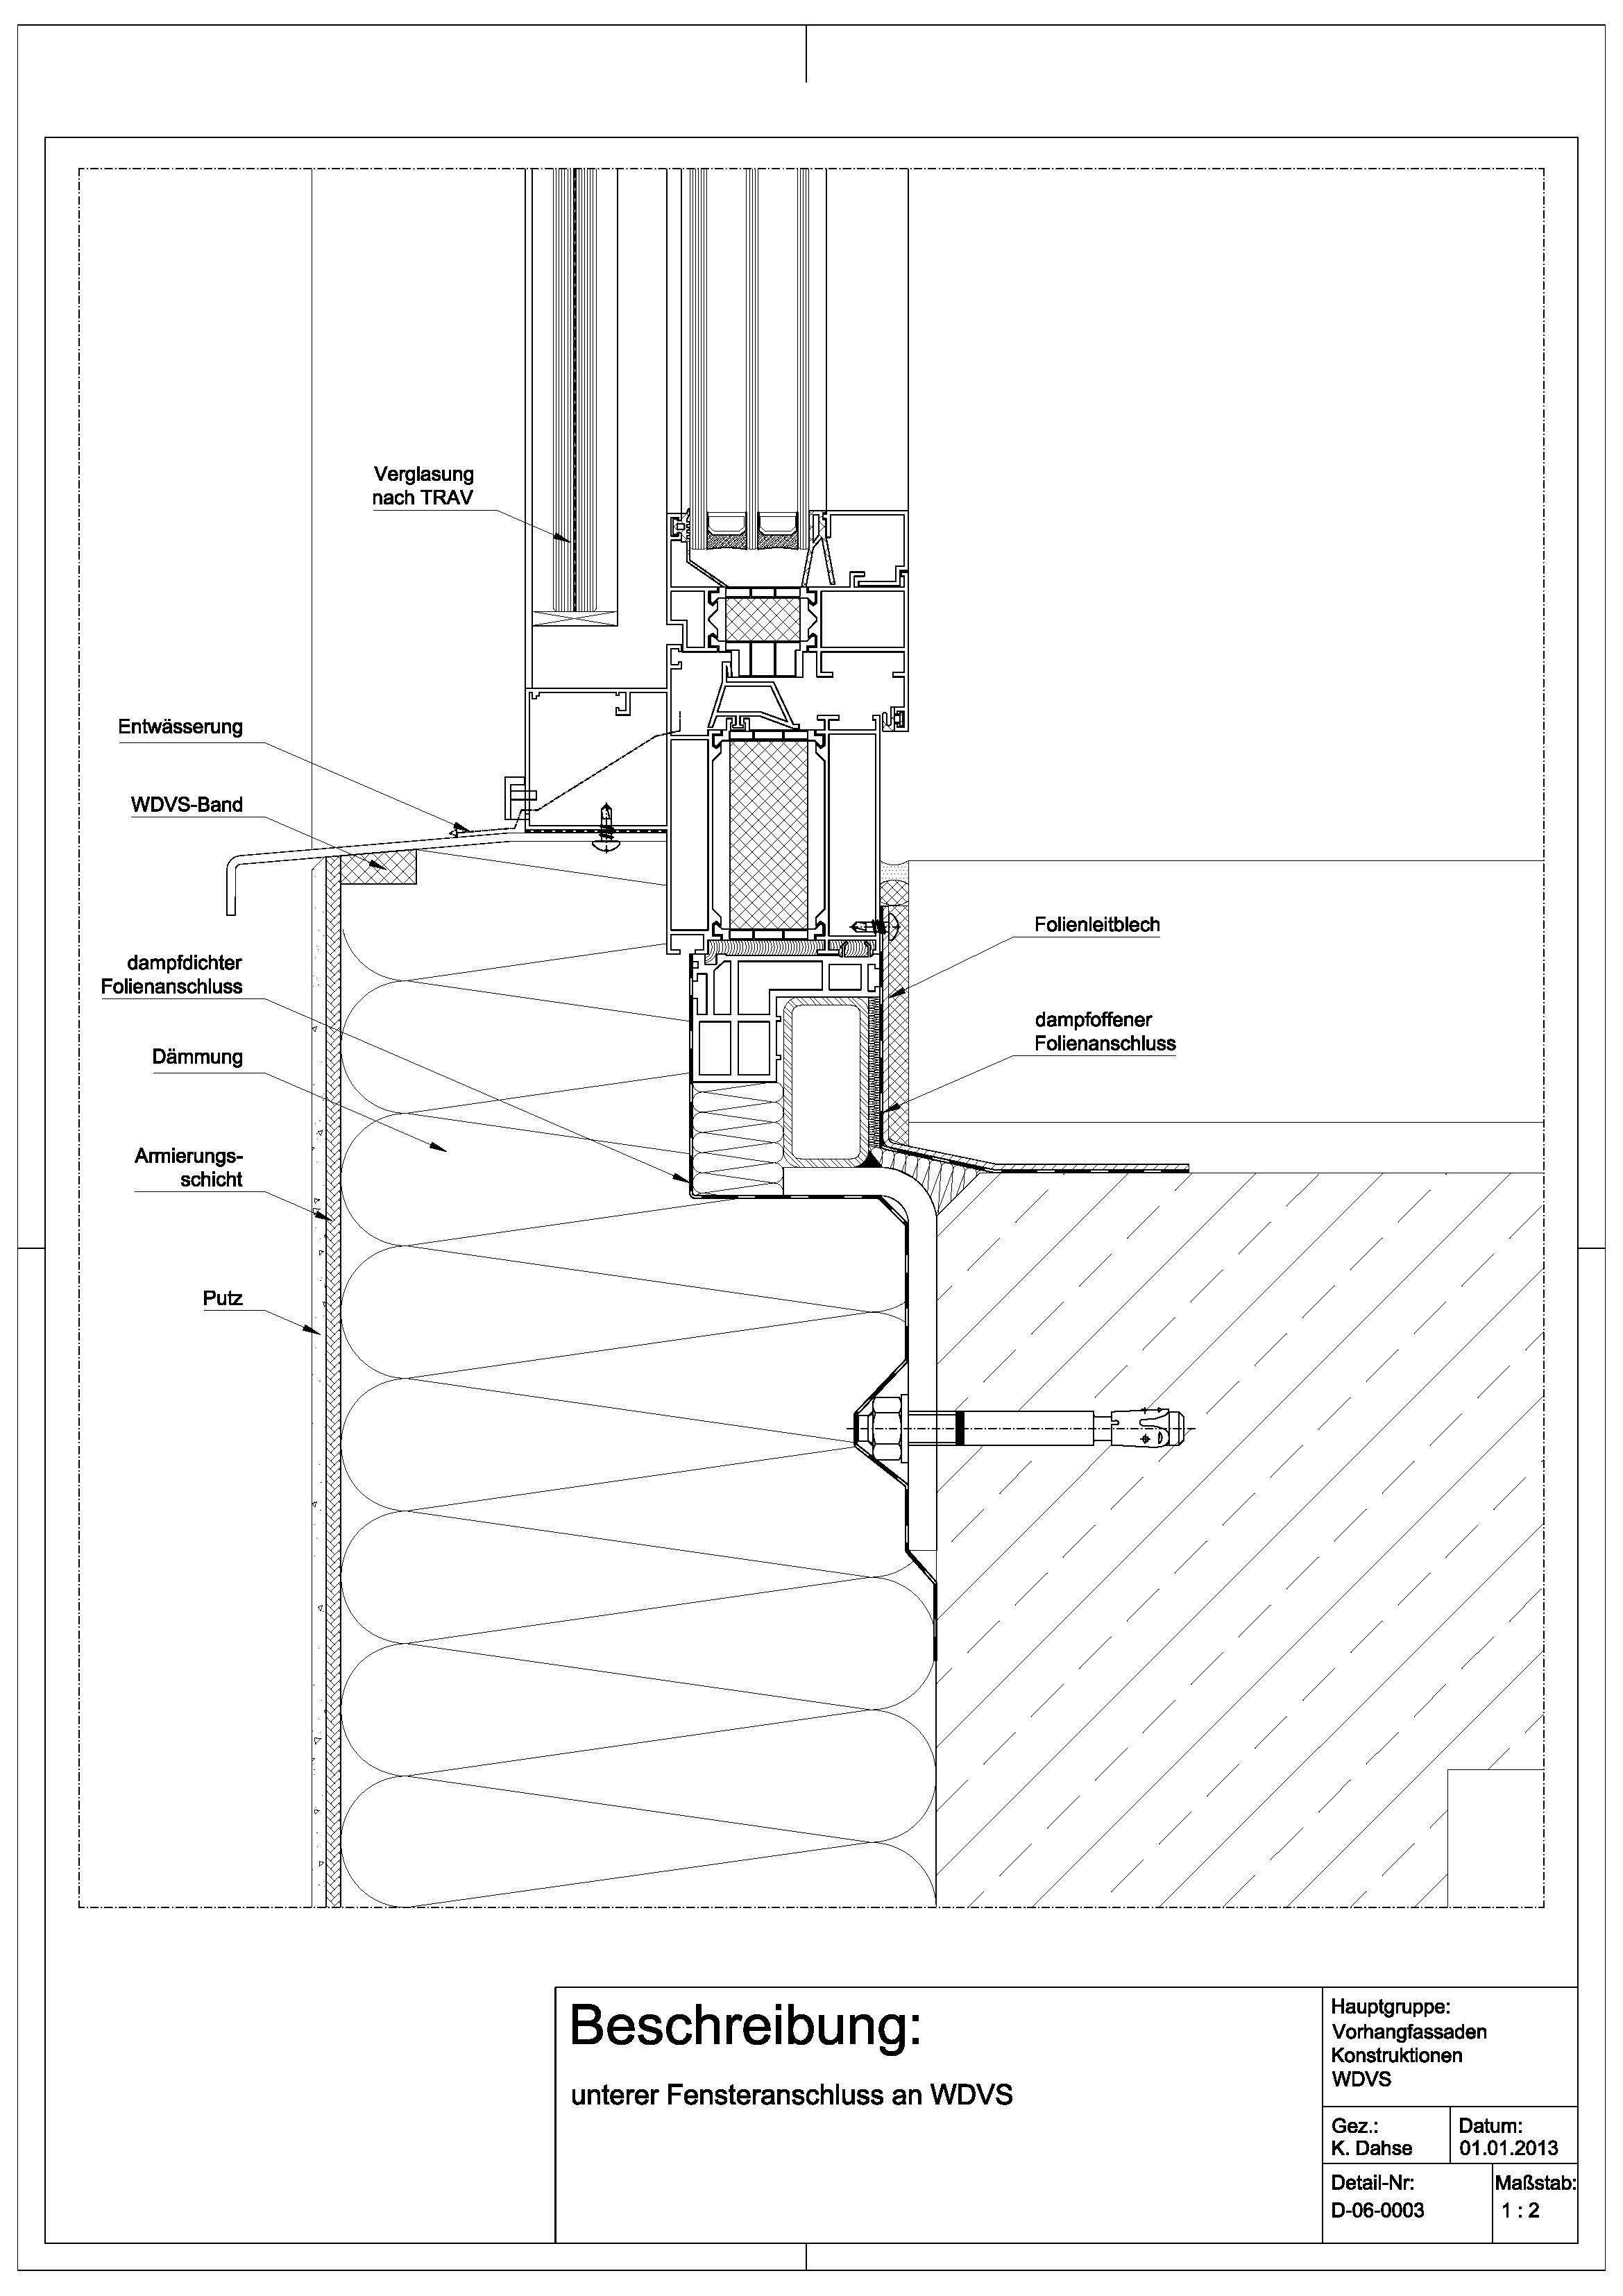 d 06 0003 unterer fensteranschluss an wdvs architektur pinterest wdvs architektur und. Black Bedroom Furniture Sets. Home Design Ideas